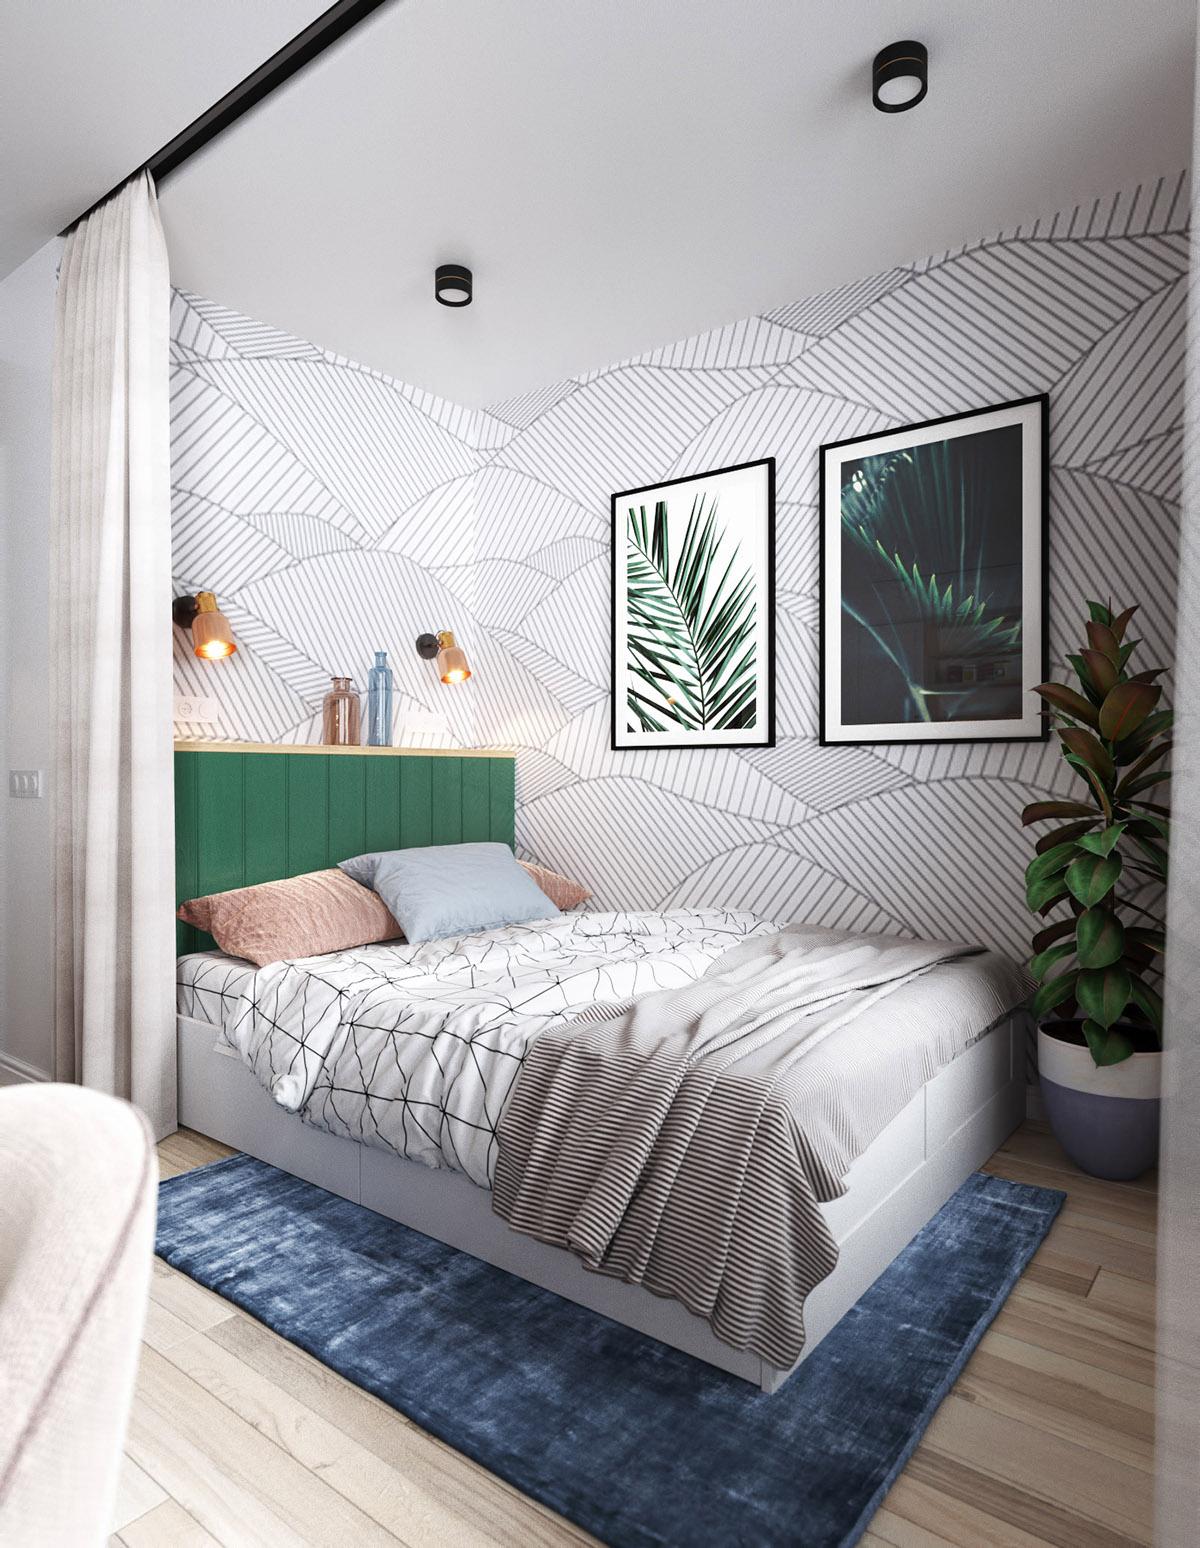 conception d'un petit appartement photo 33